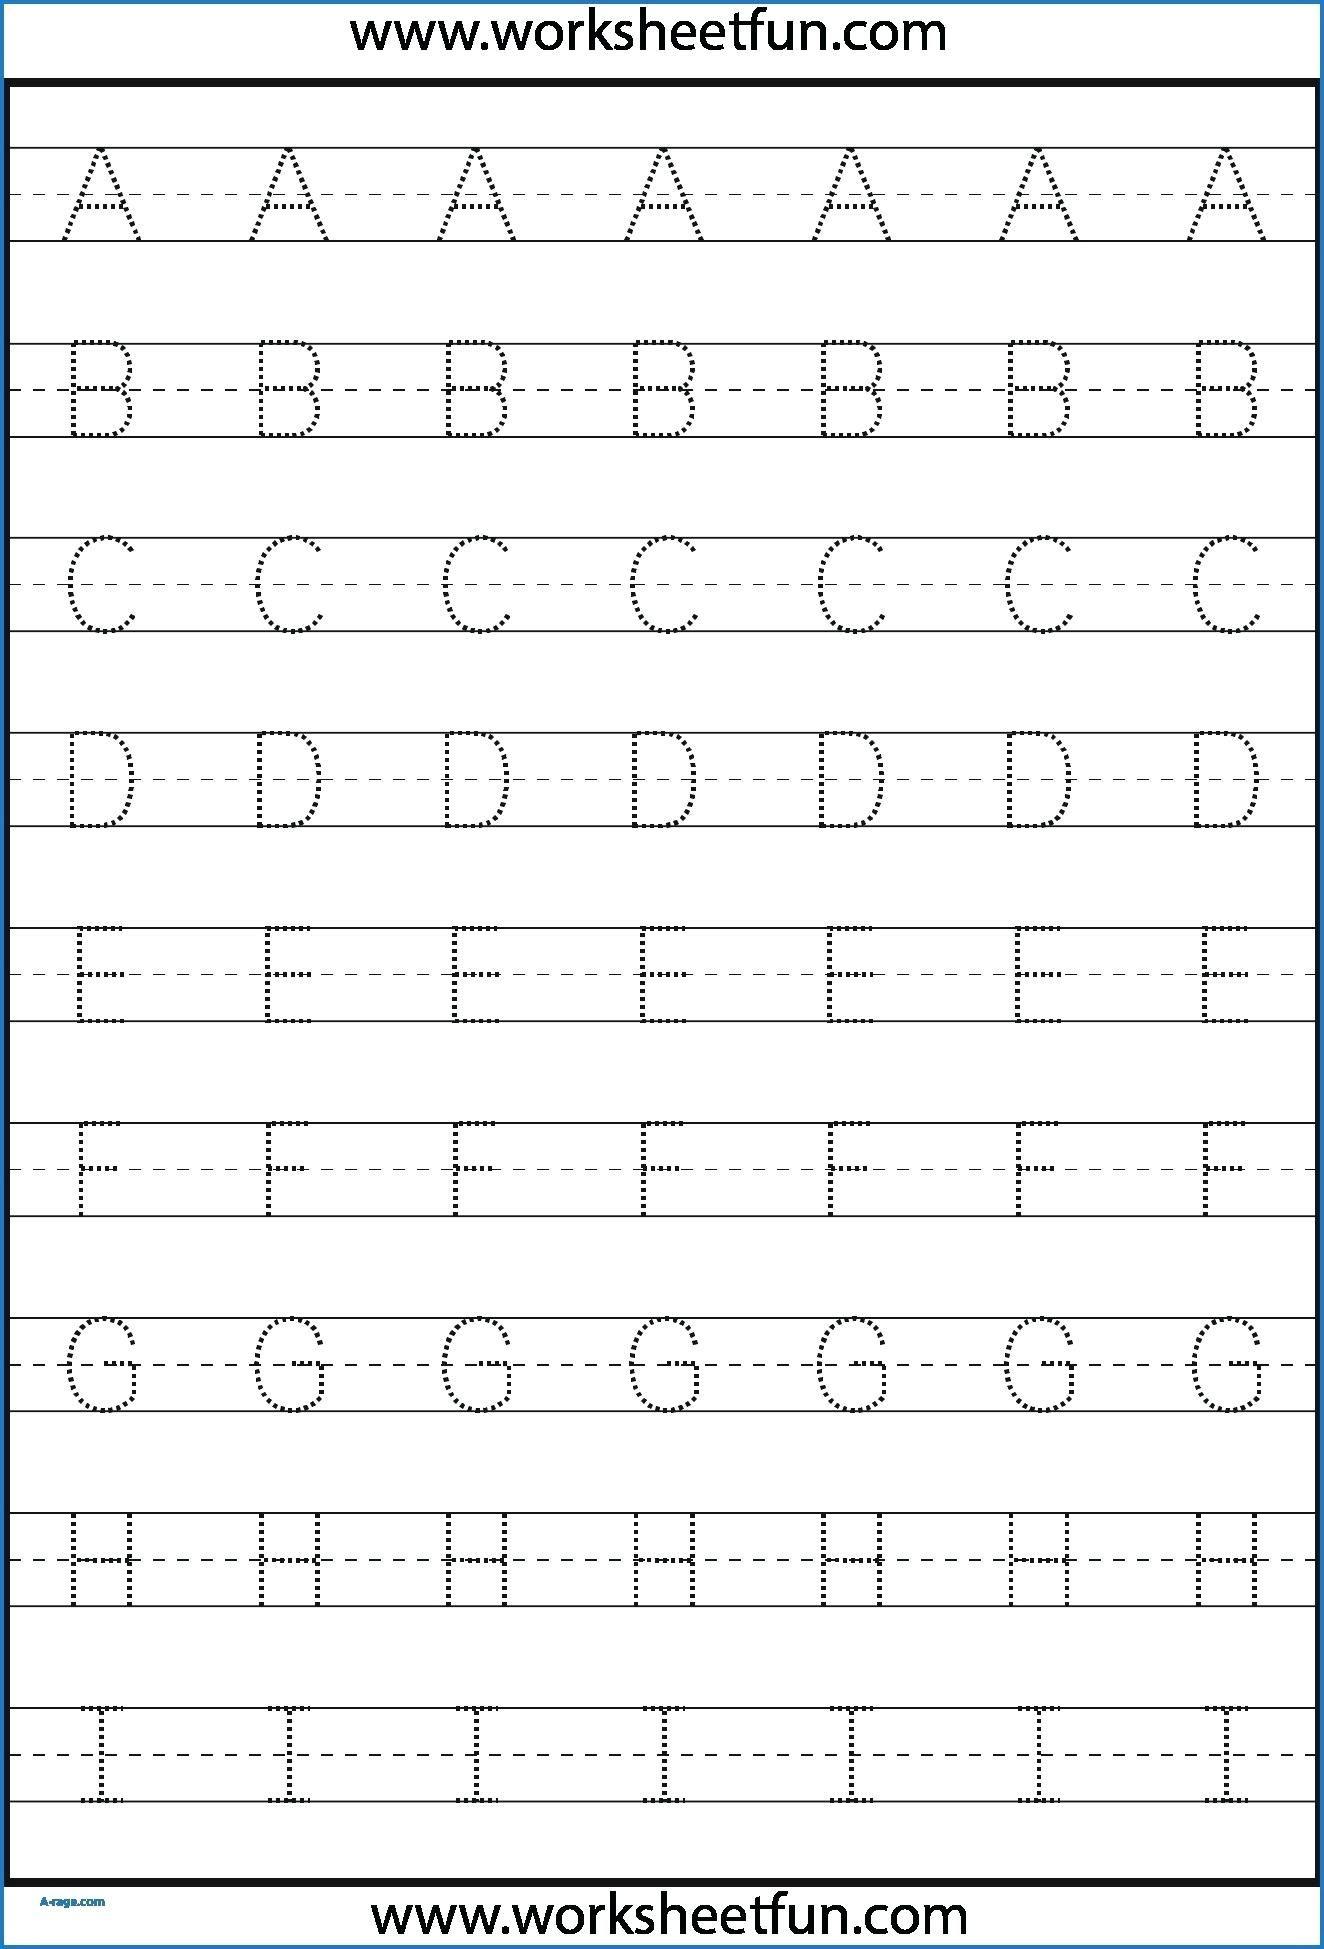 Kindergarten Letter Tracing Worksheets Pdf - Wallpaper Image inside Pre-K Tracing Letters Worksheets